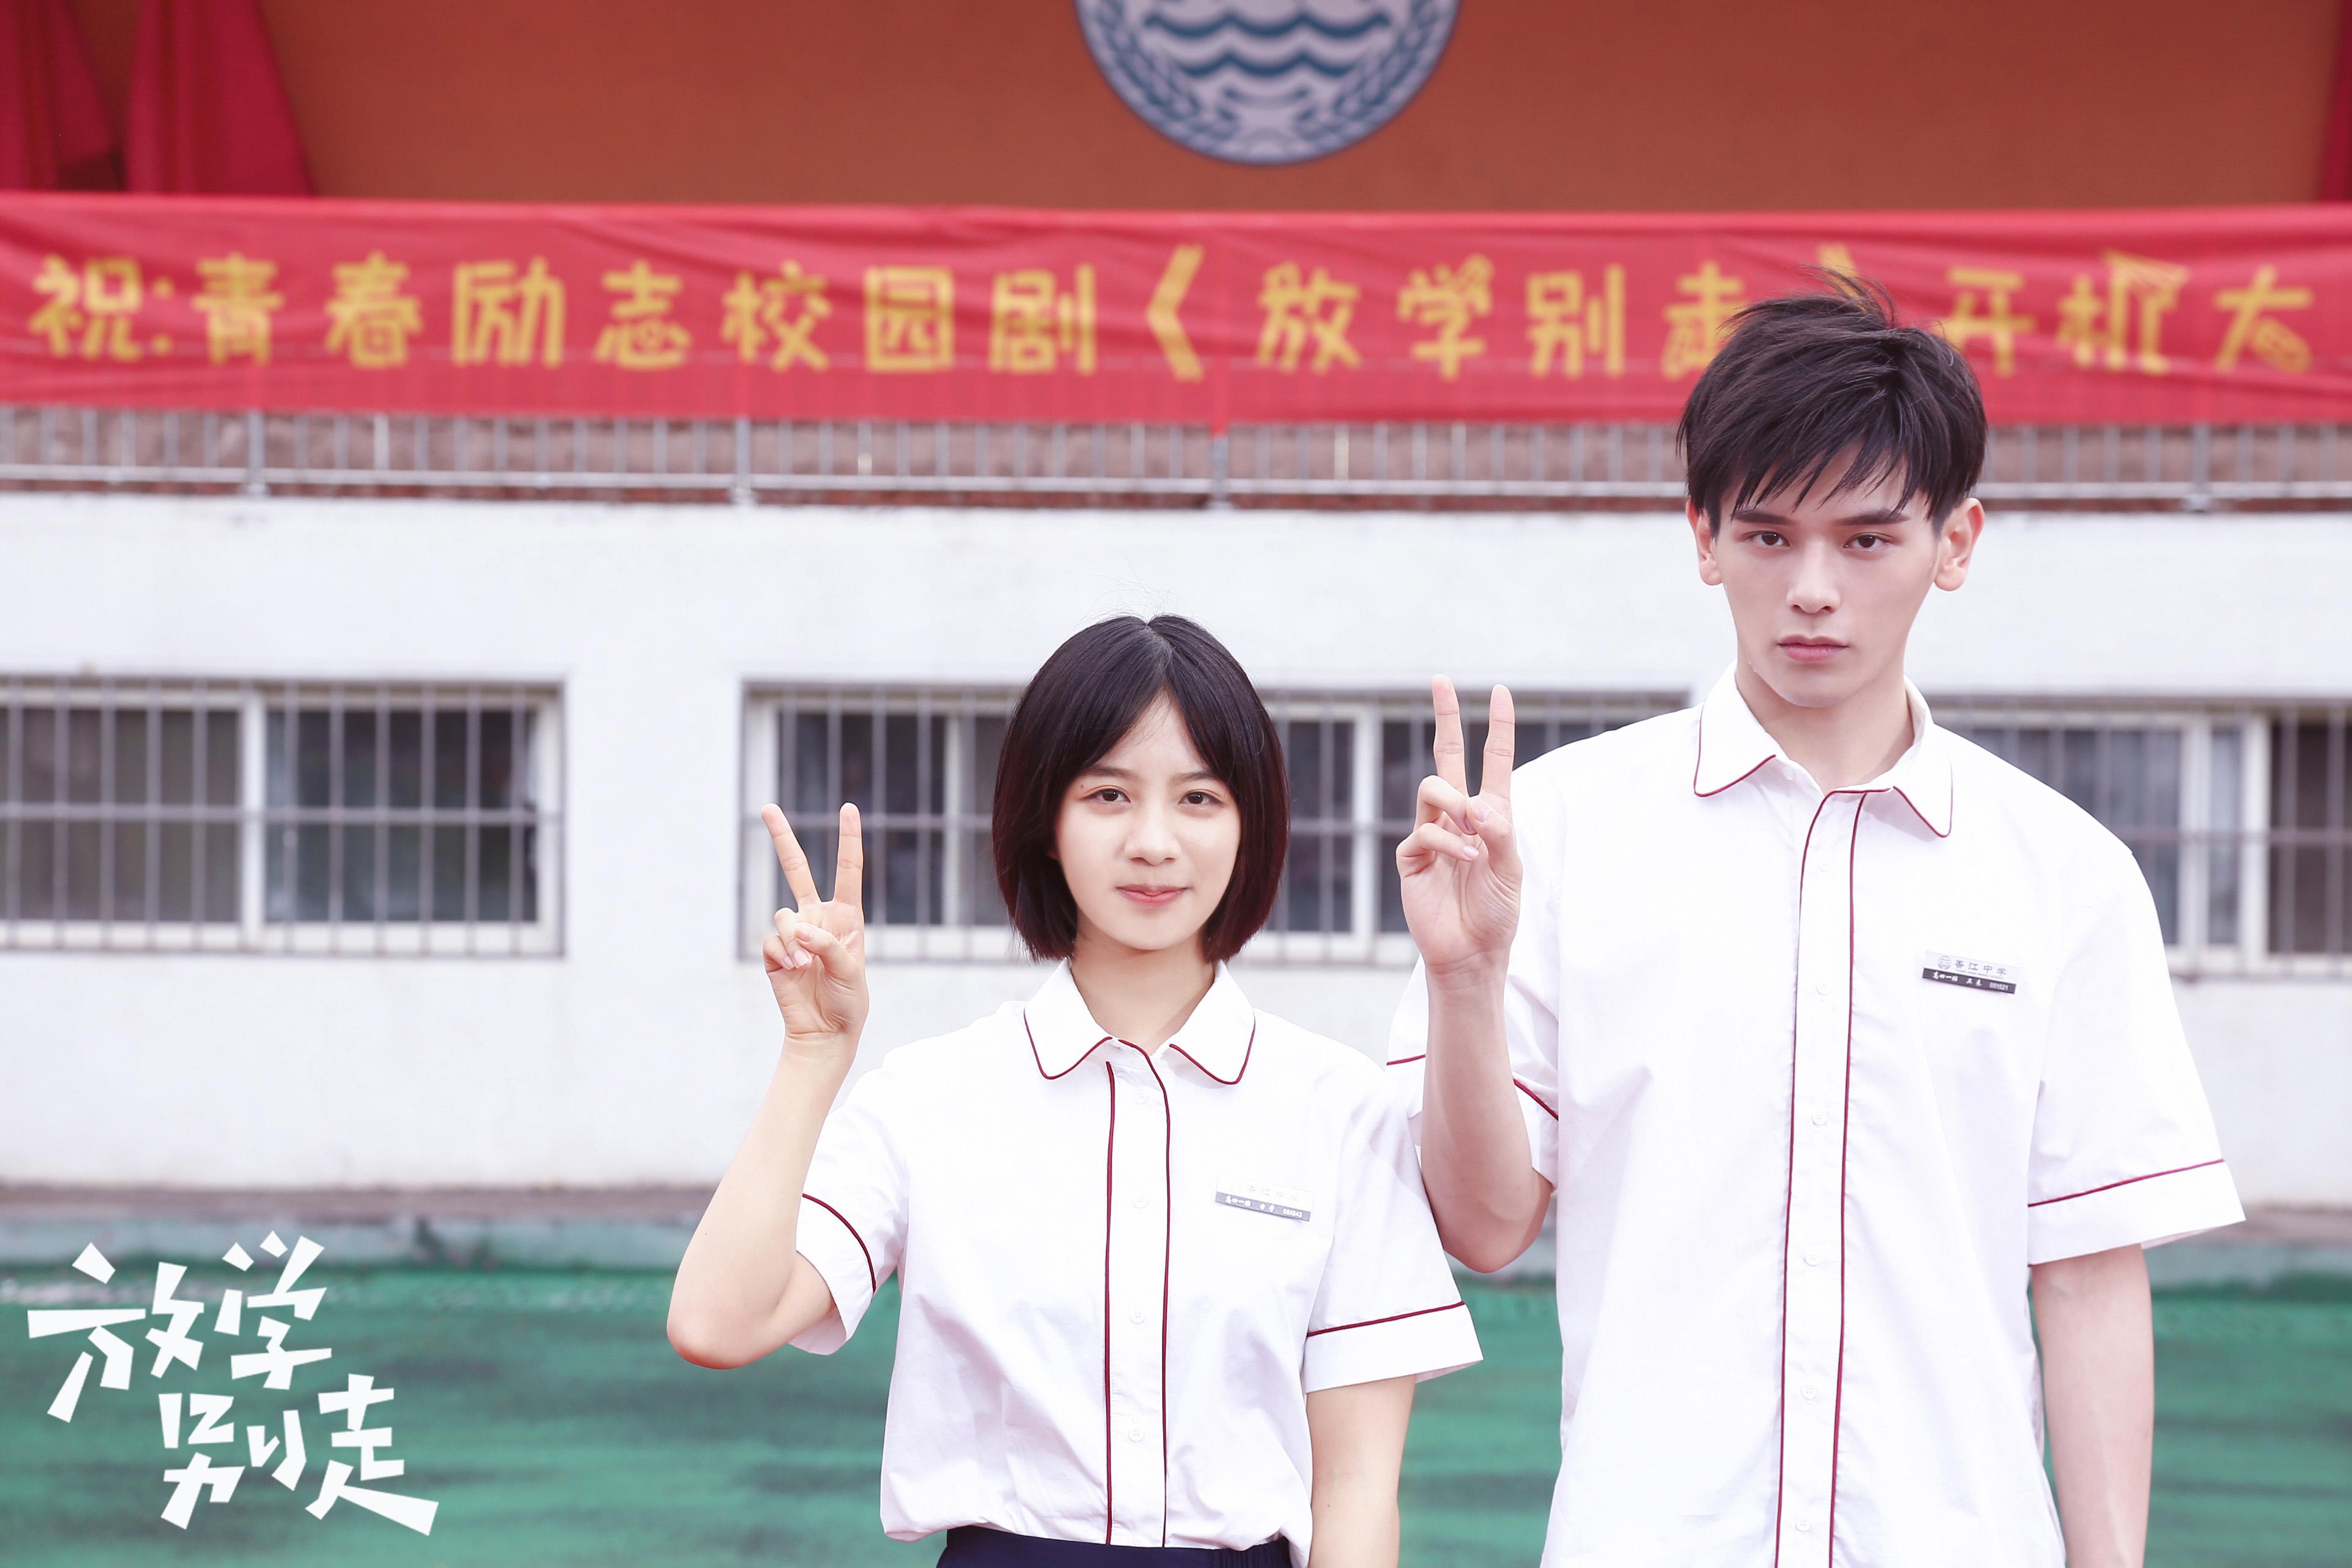 青春校園輕喜劇《放學別走》在青島舉行了開機儀式